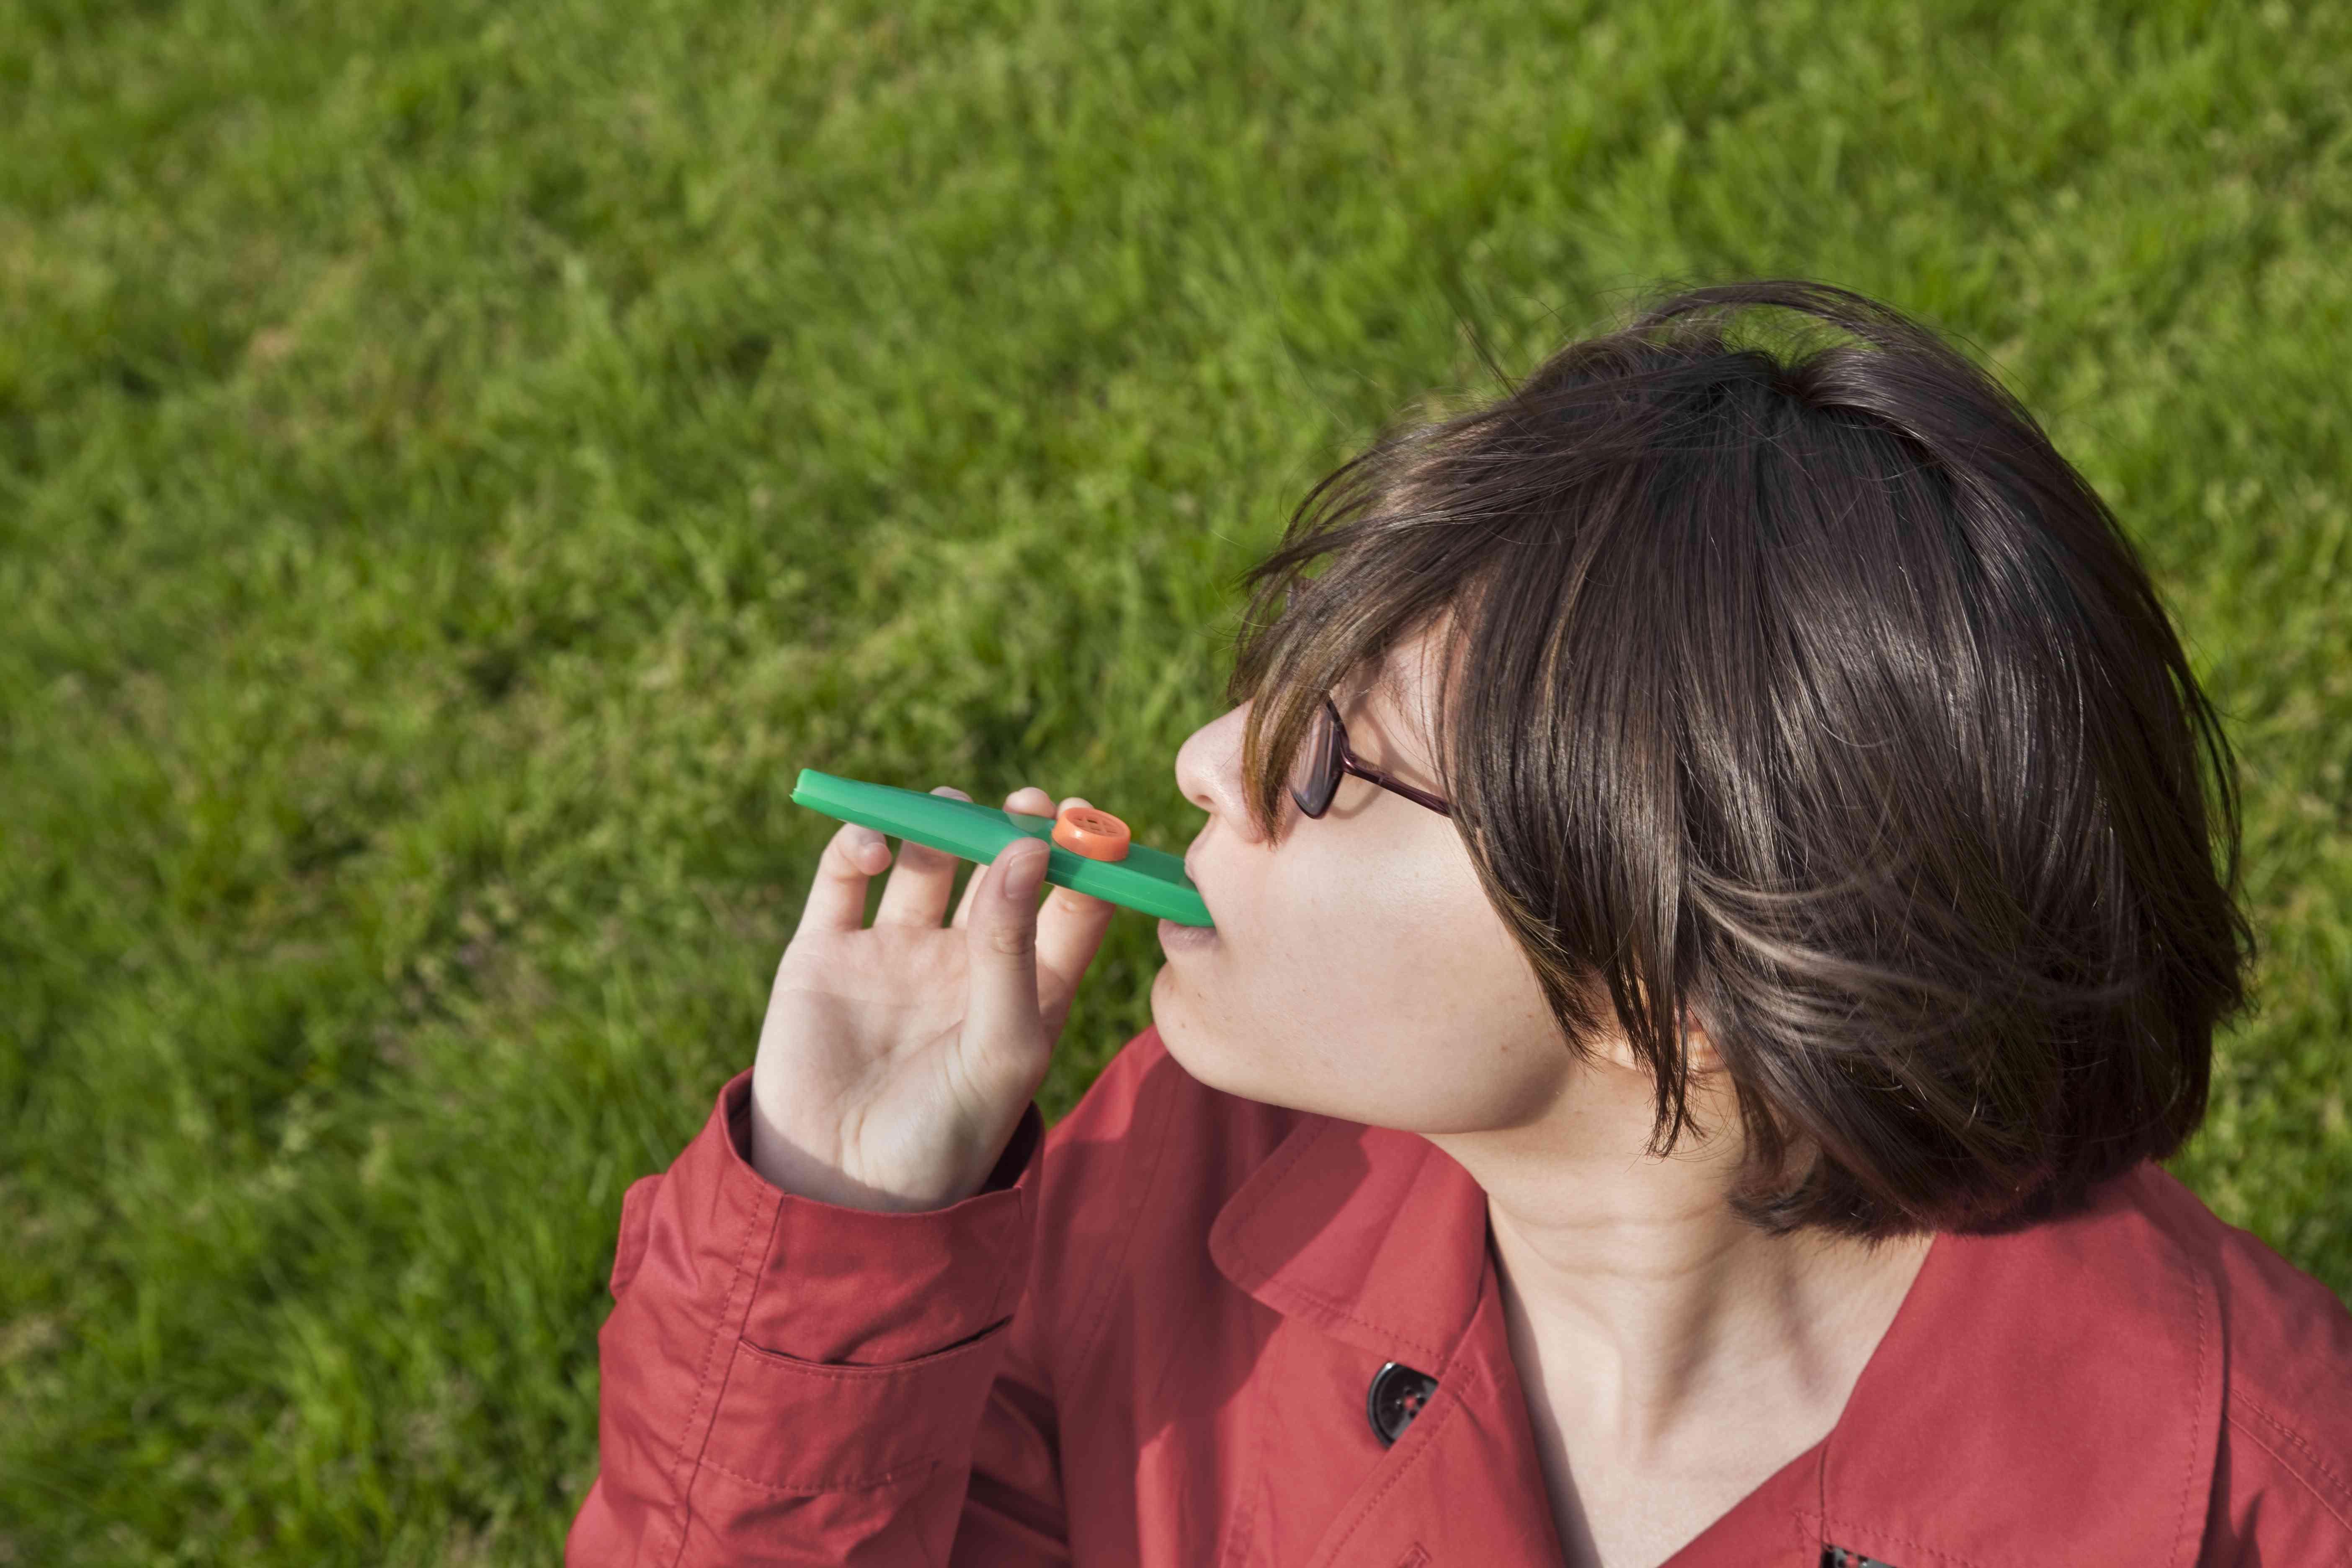 Eurasian teenage girl playing a kazoo.